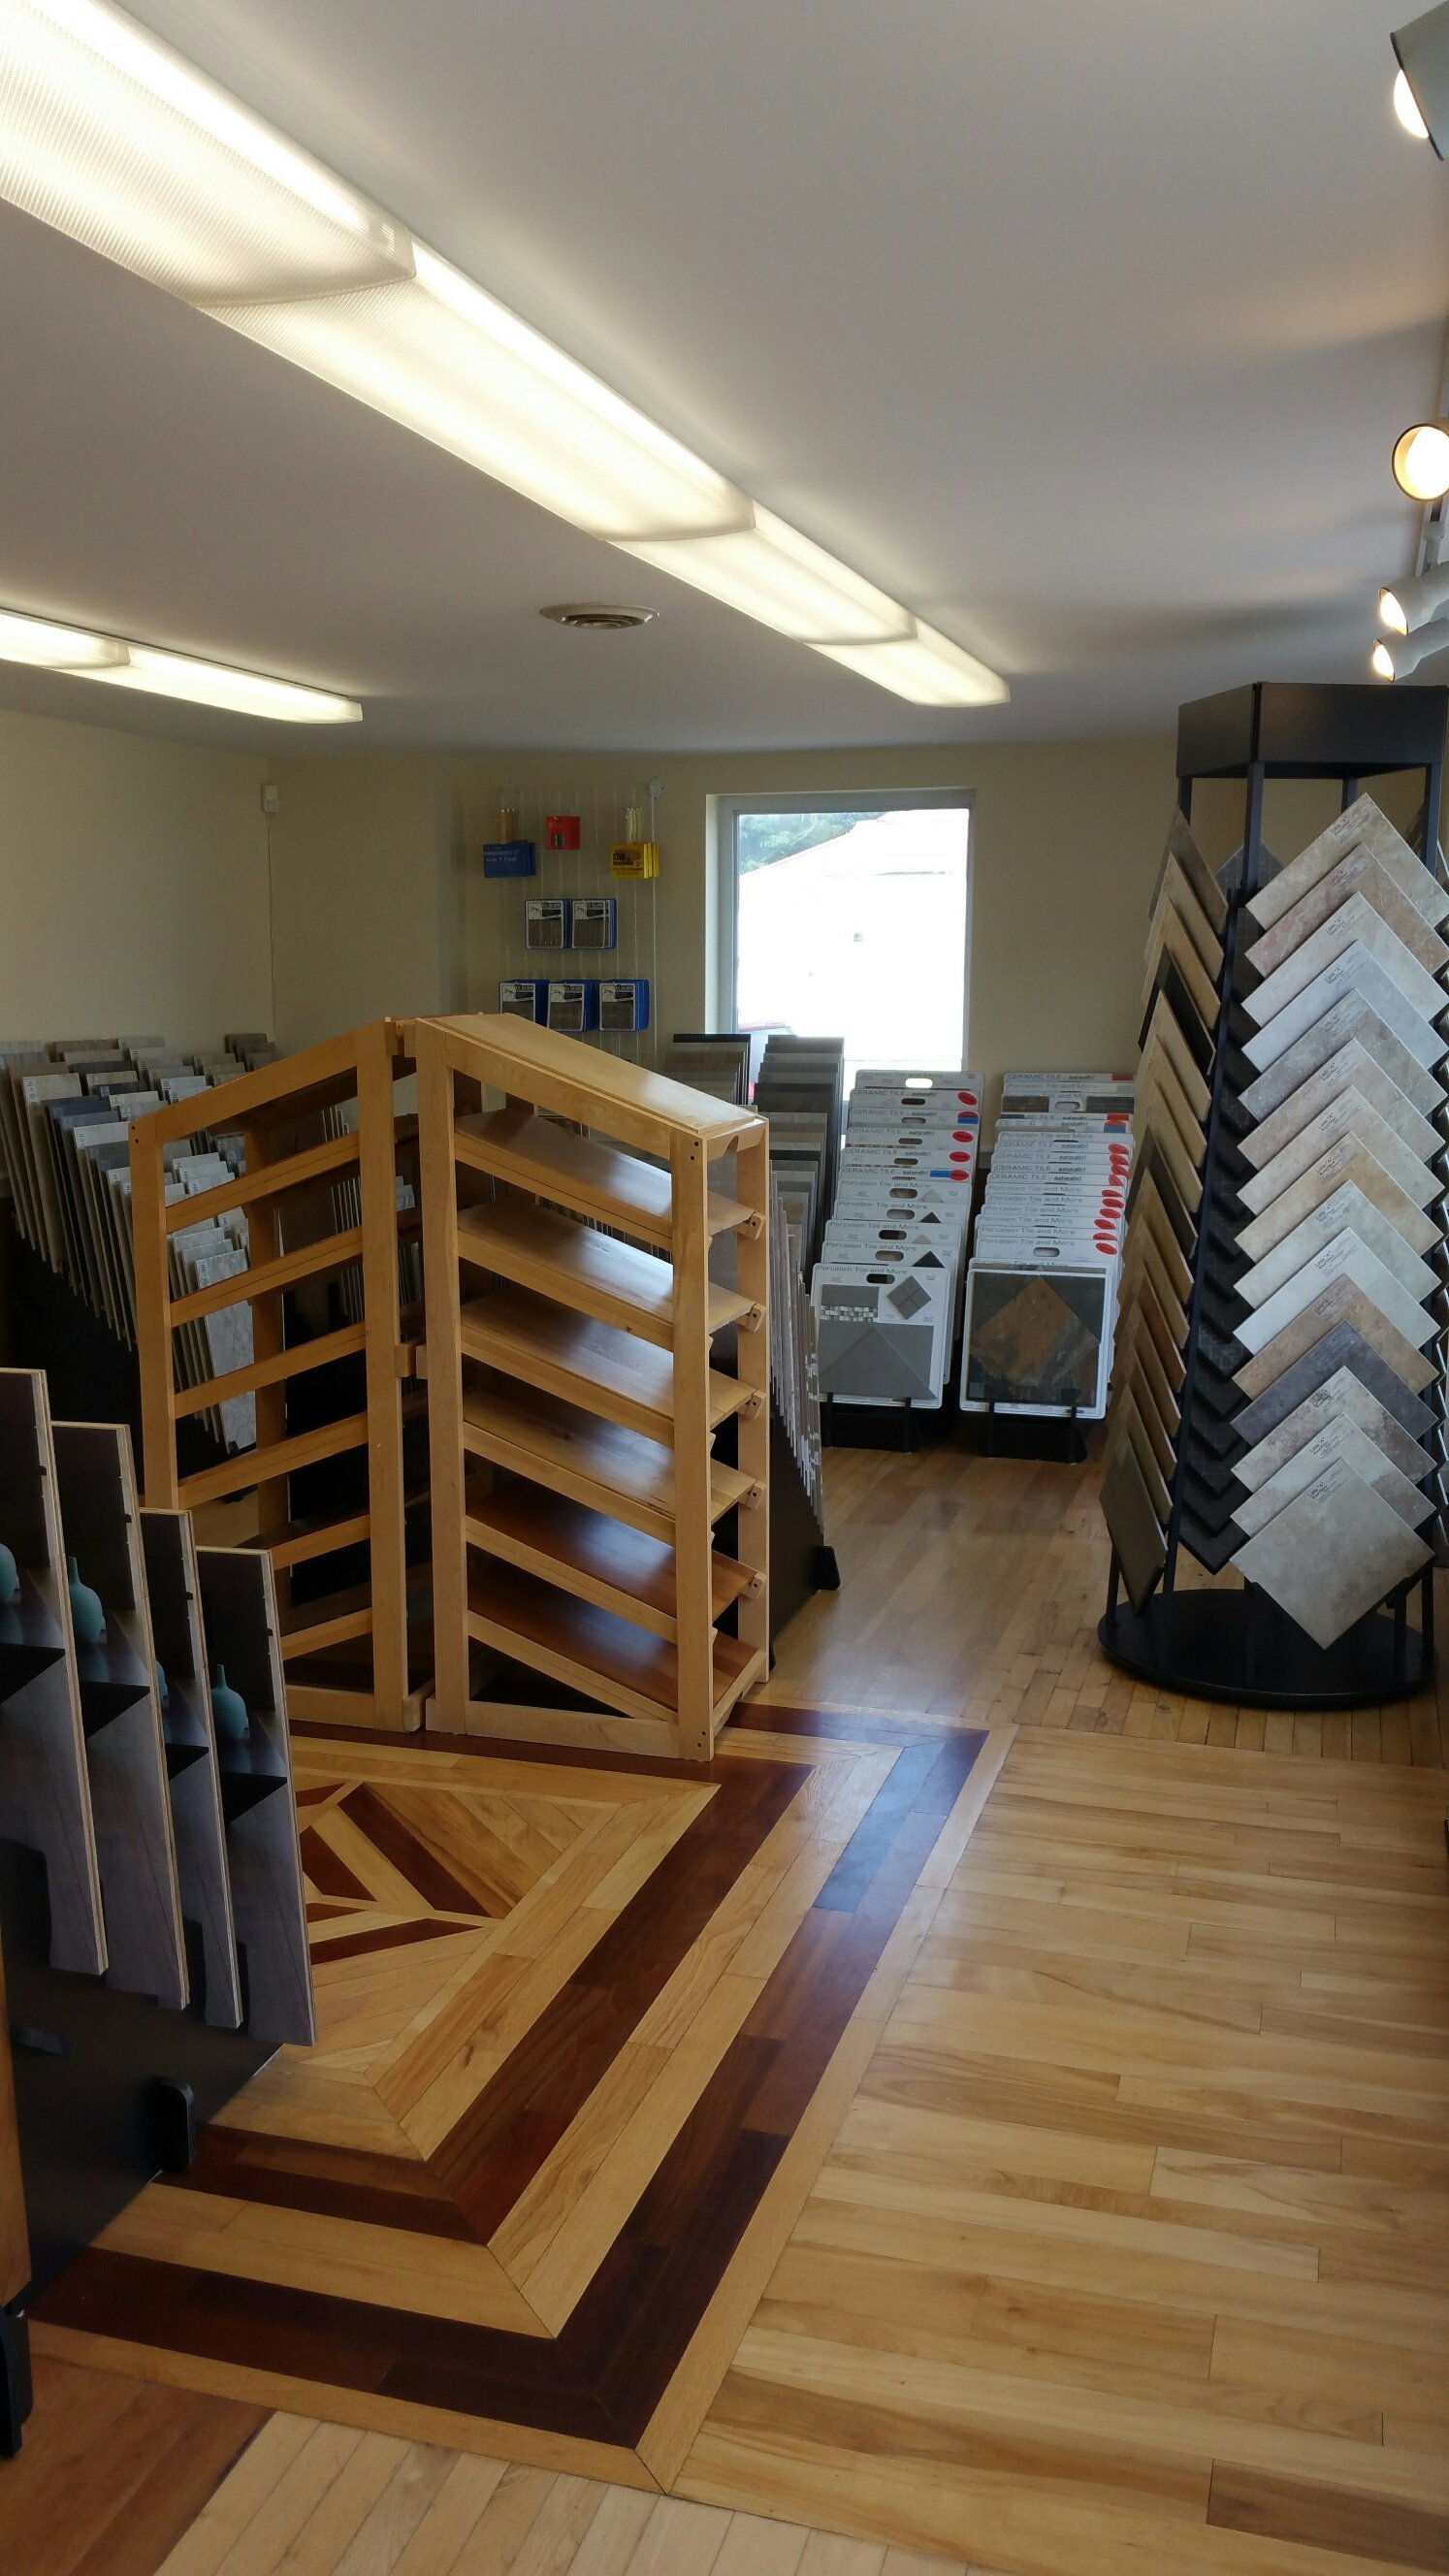 VT HardWood Floor Sanding Services